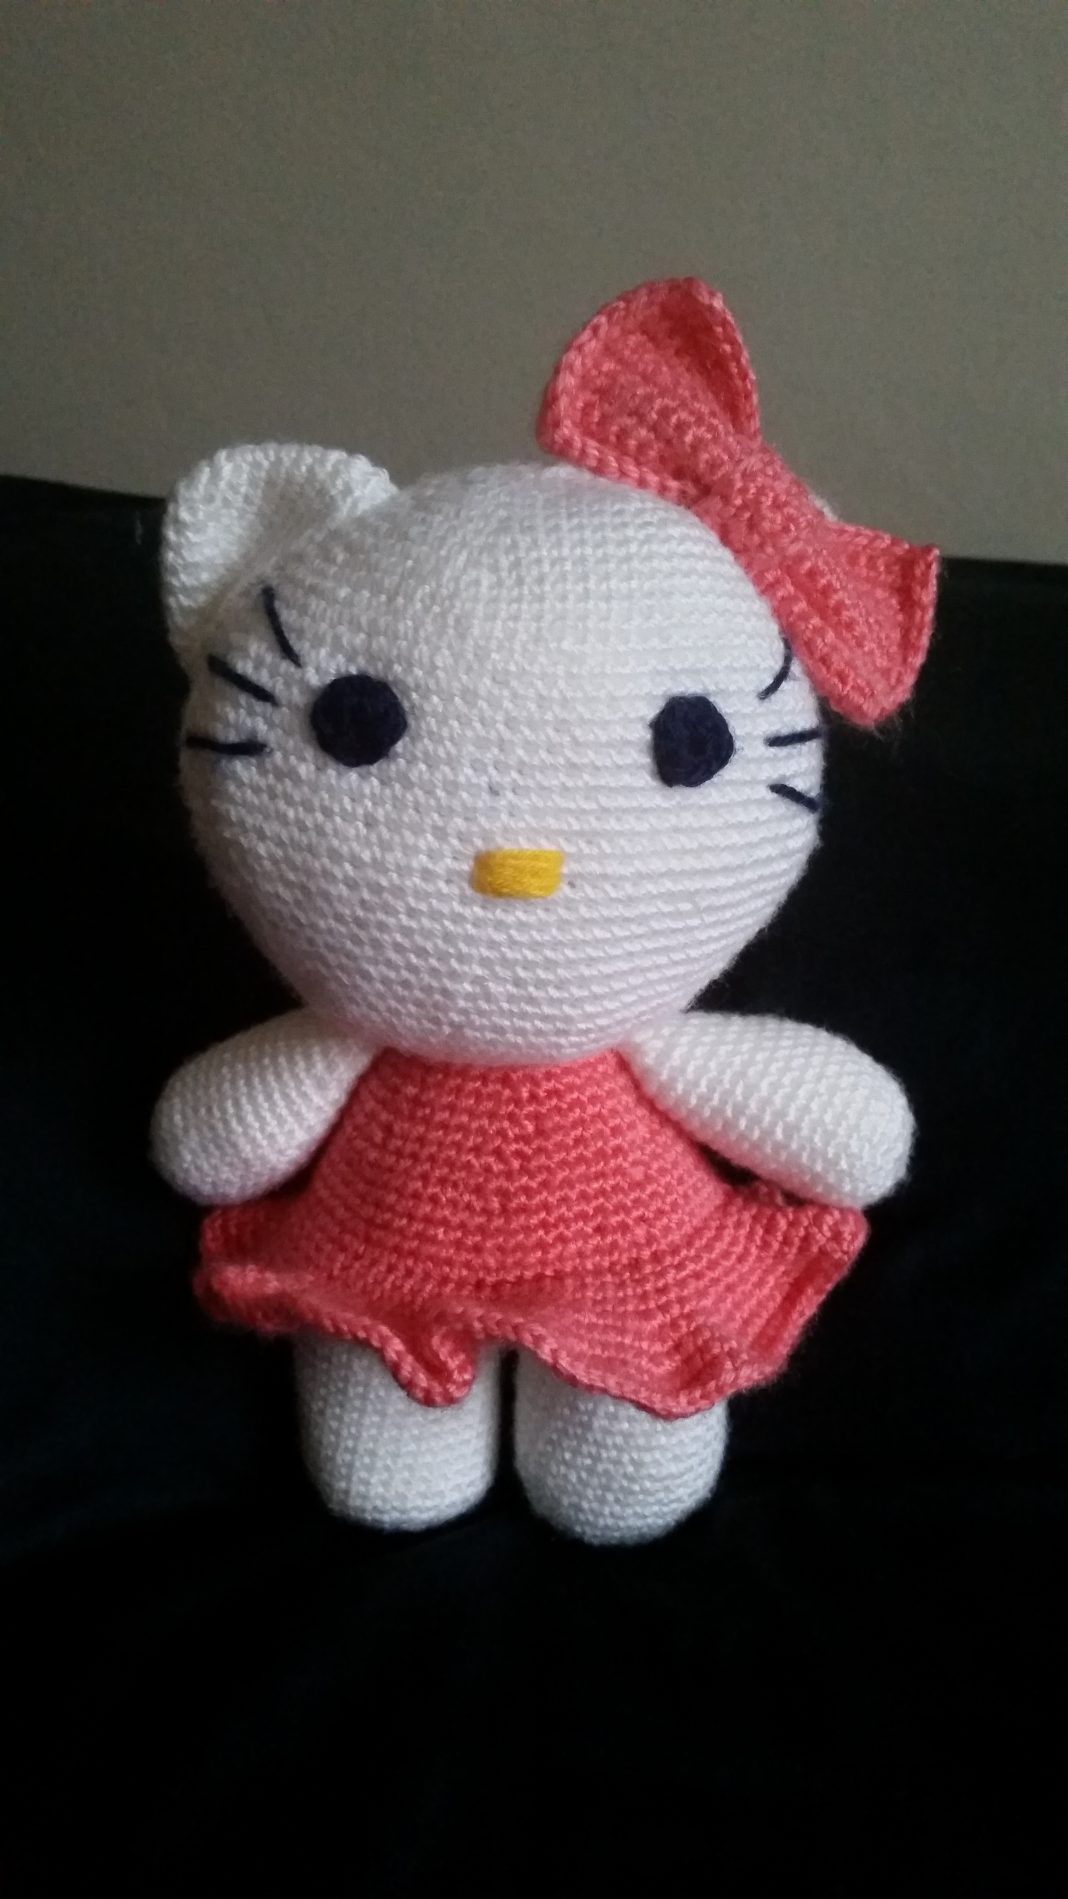 Big Hello Kitty Amigurumi Free Pattern (mit Bildern) | Hallo kitty ... | 1899x1068